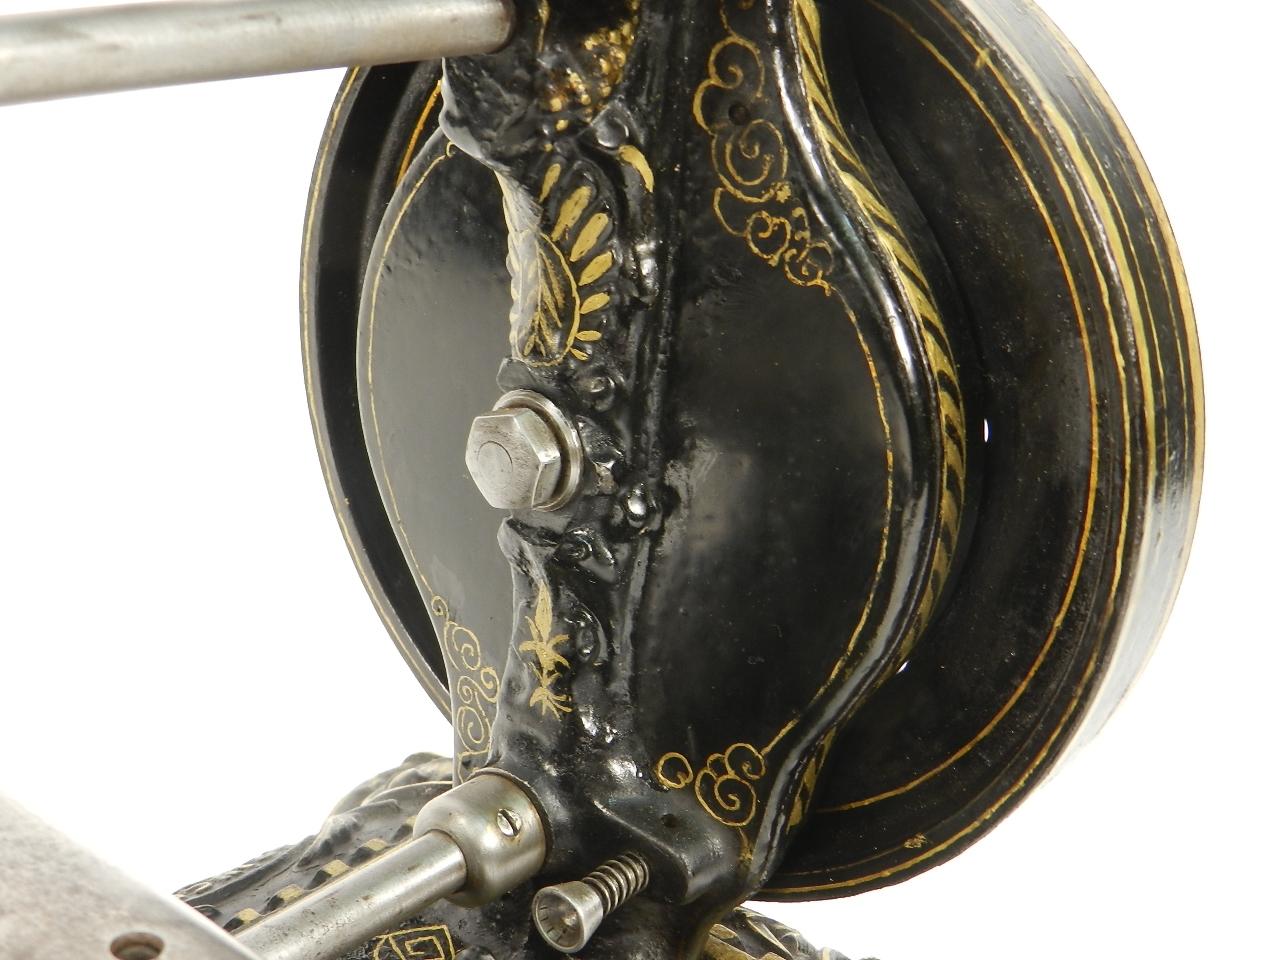 Imagen PRINCESS OF WALES AÑO 1878 33144